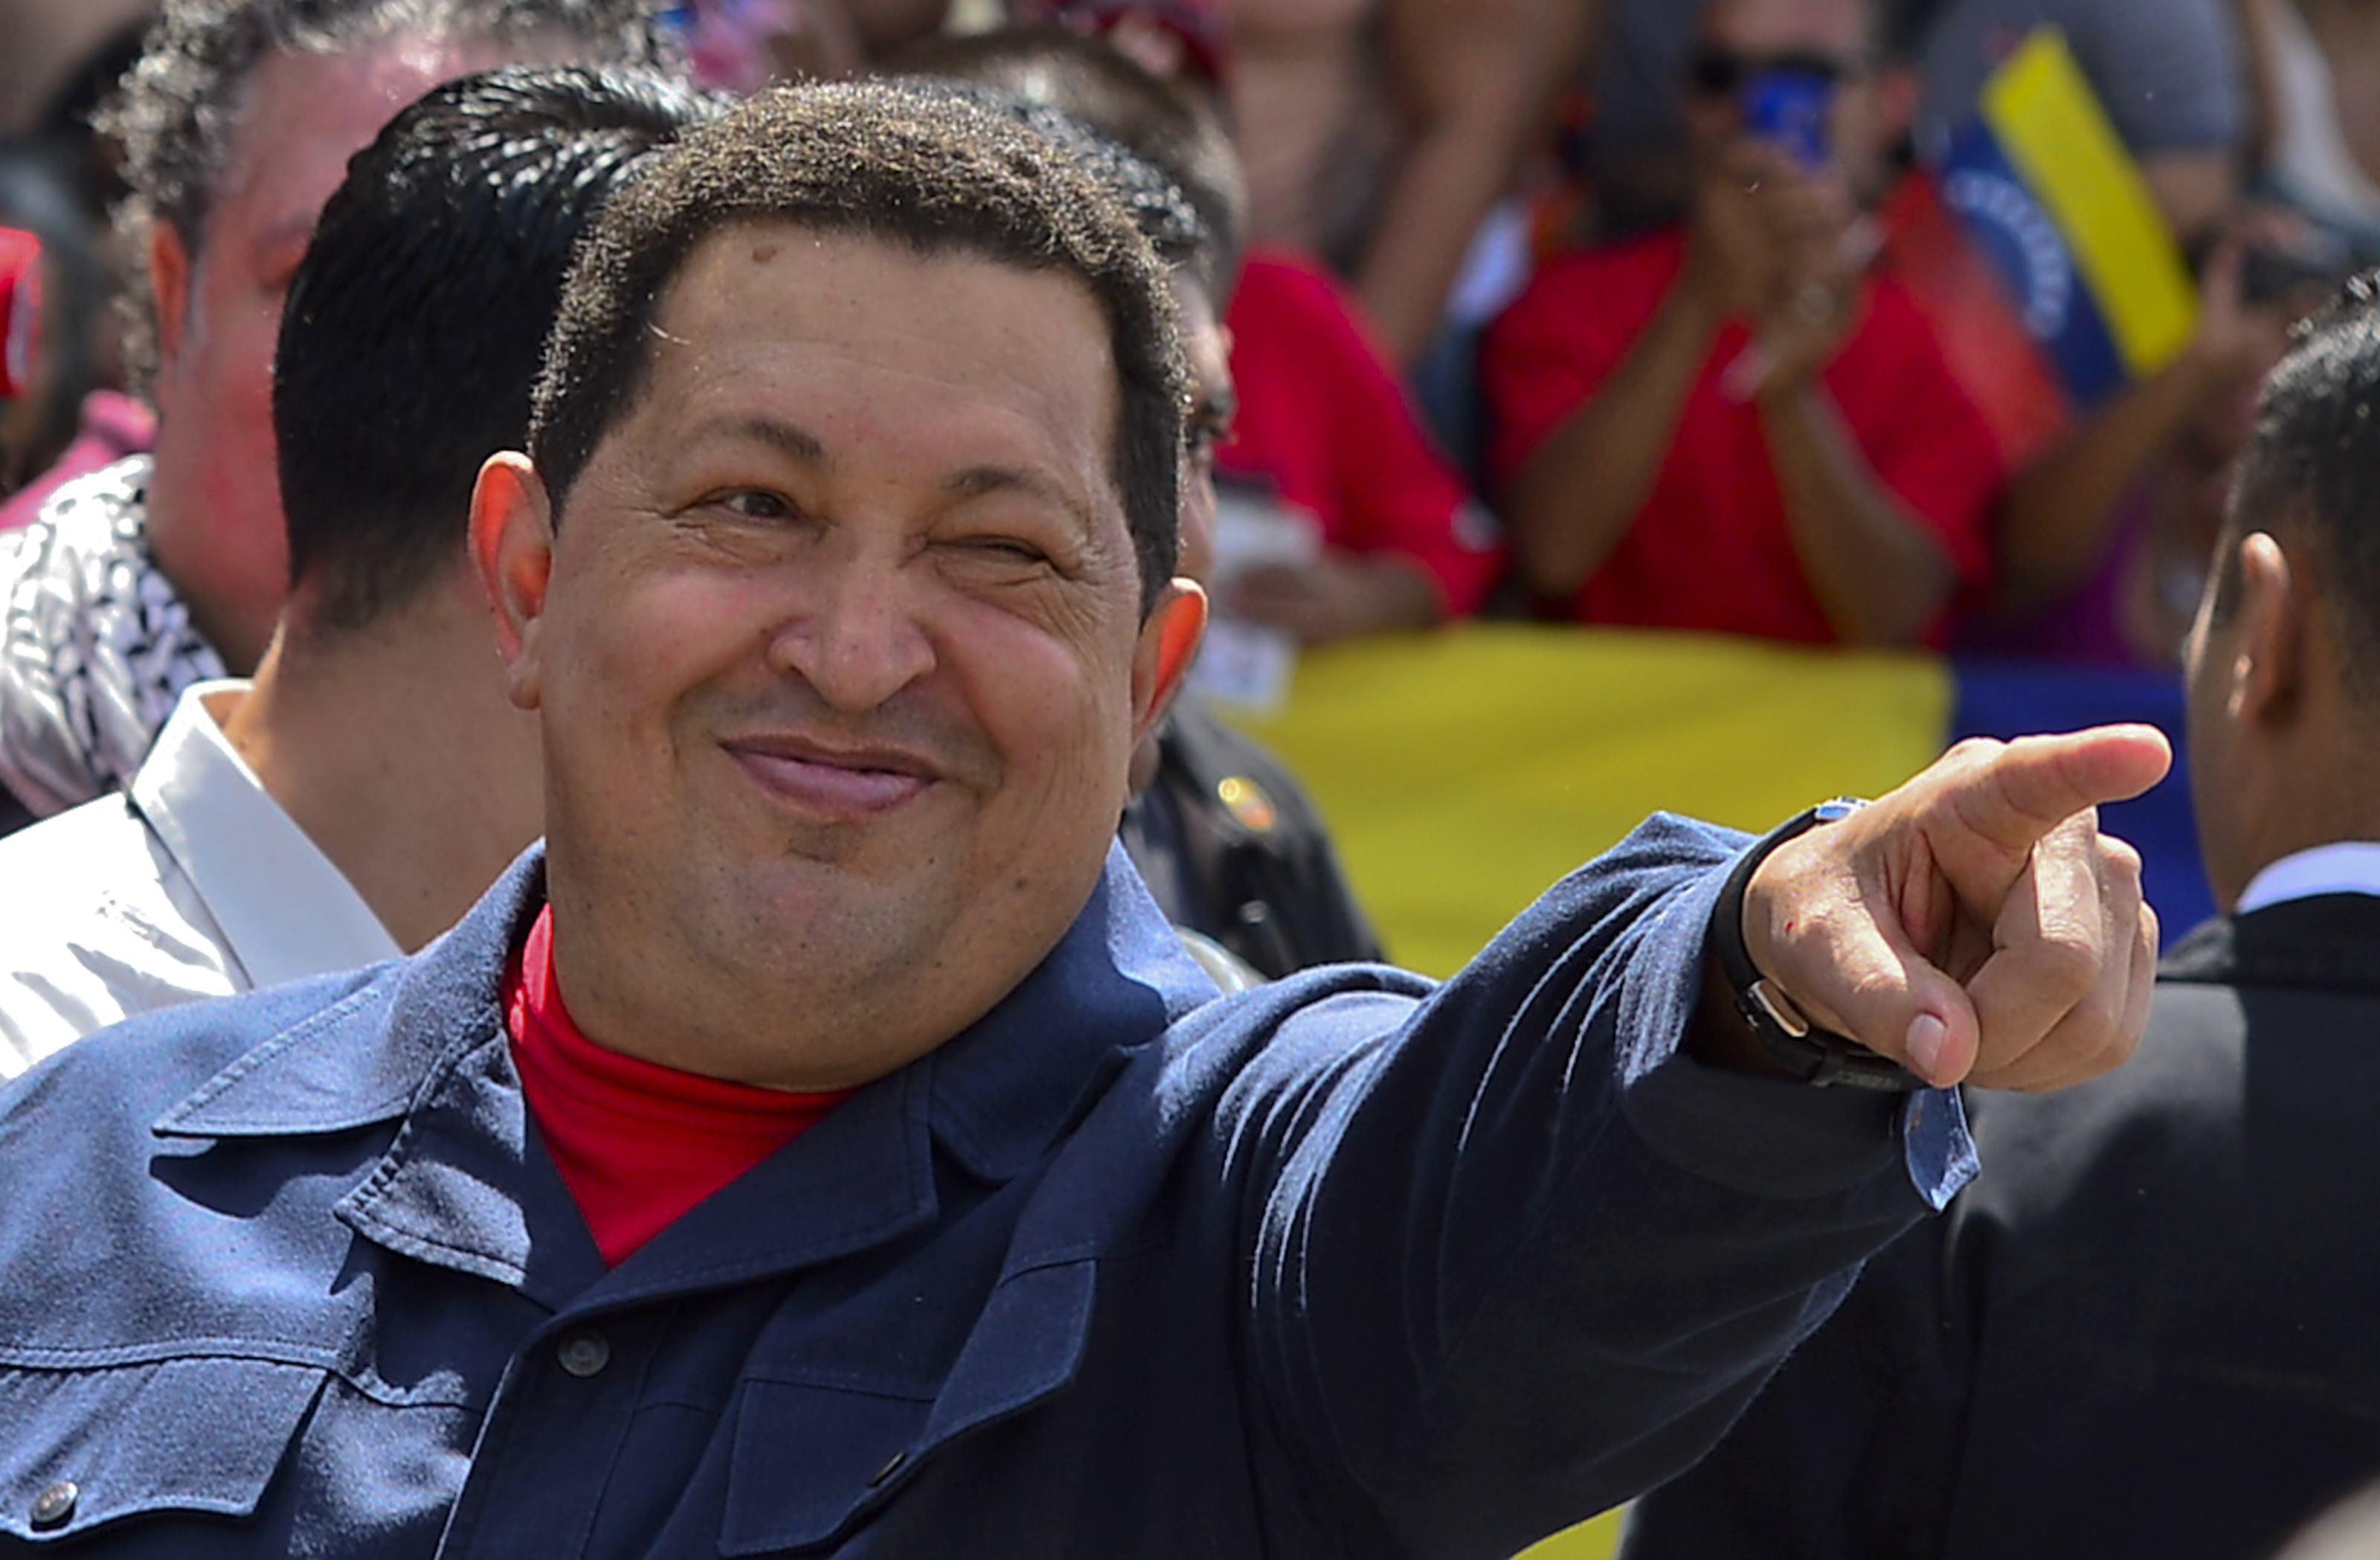 Τσάβες: Ο άνθρωπος που άλλαξε την Λατινική Αμερική